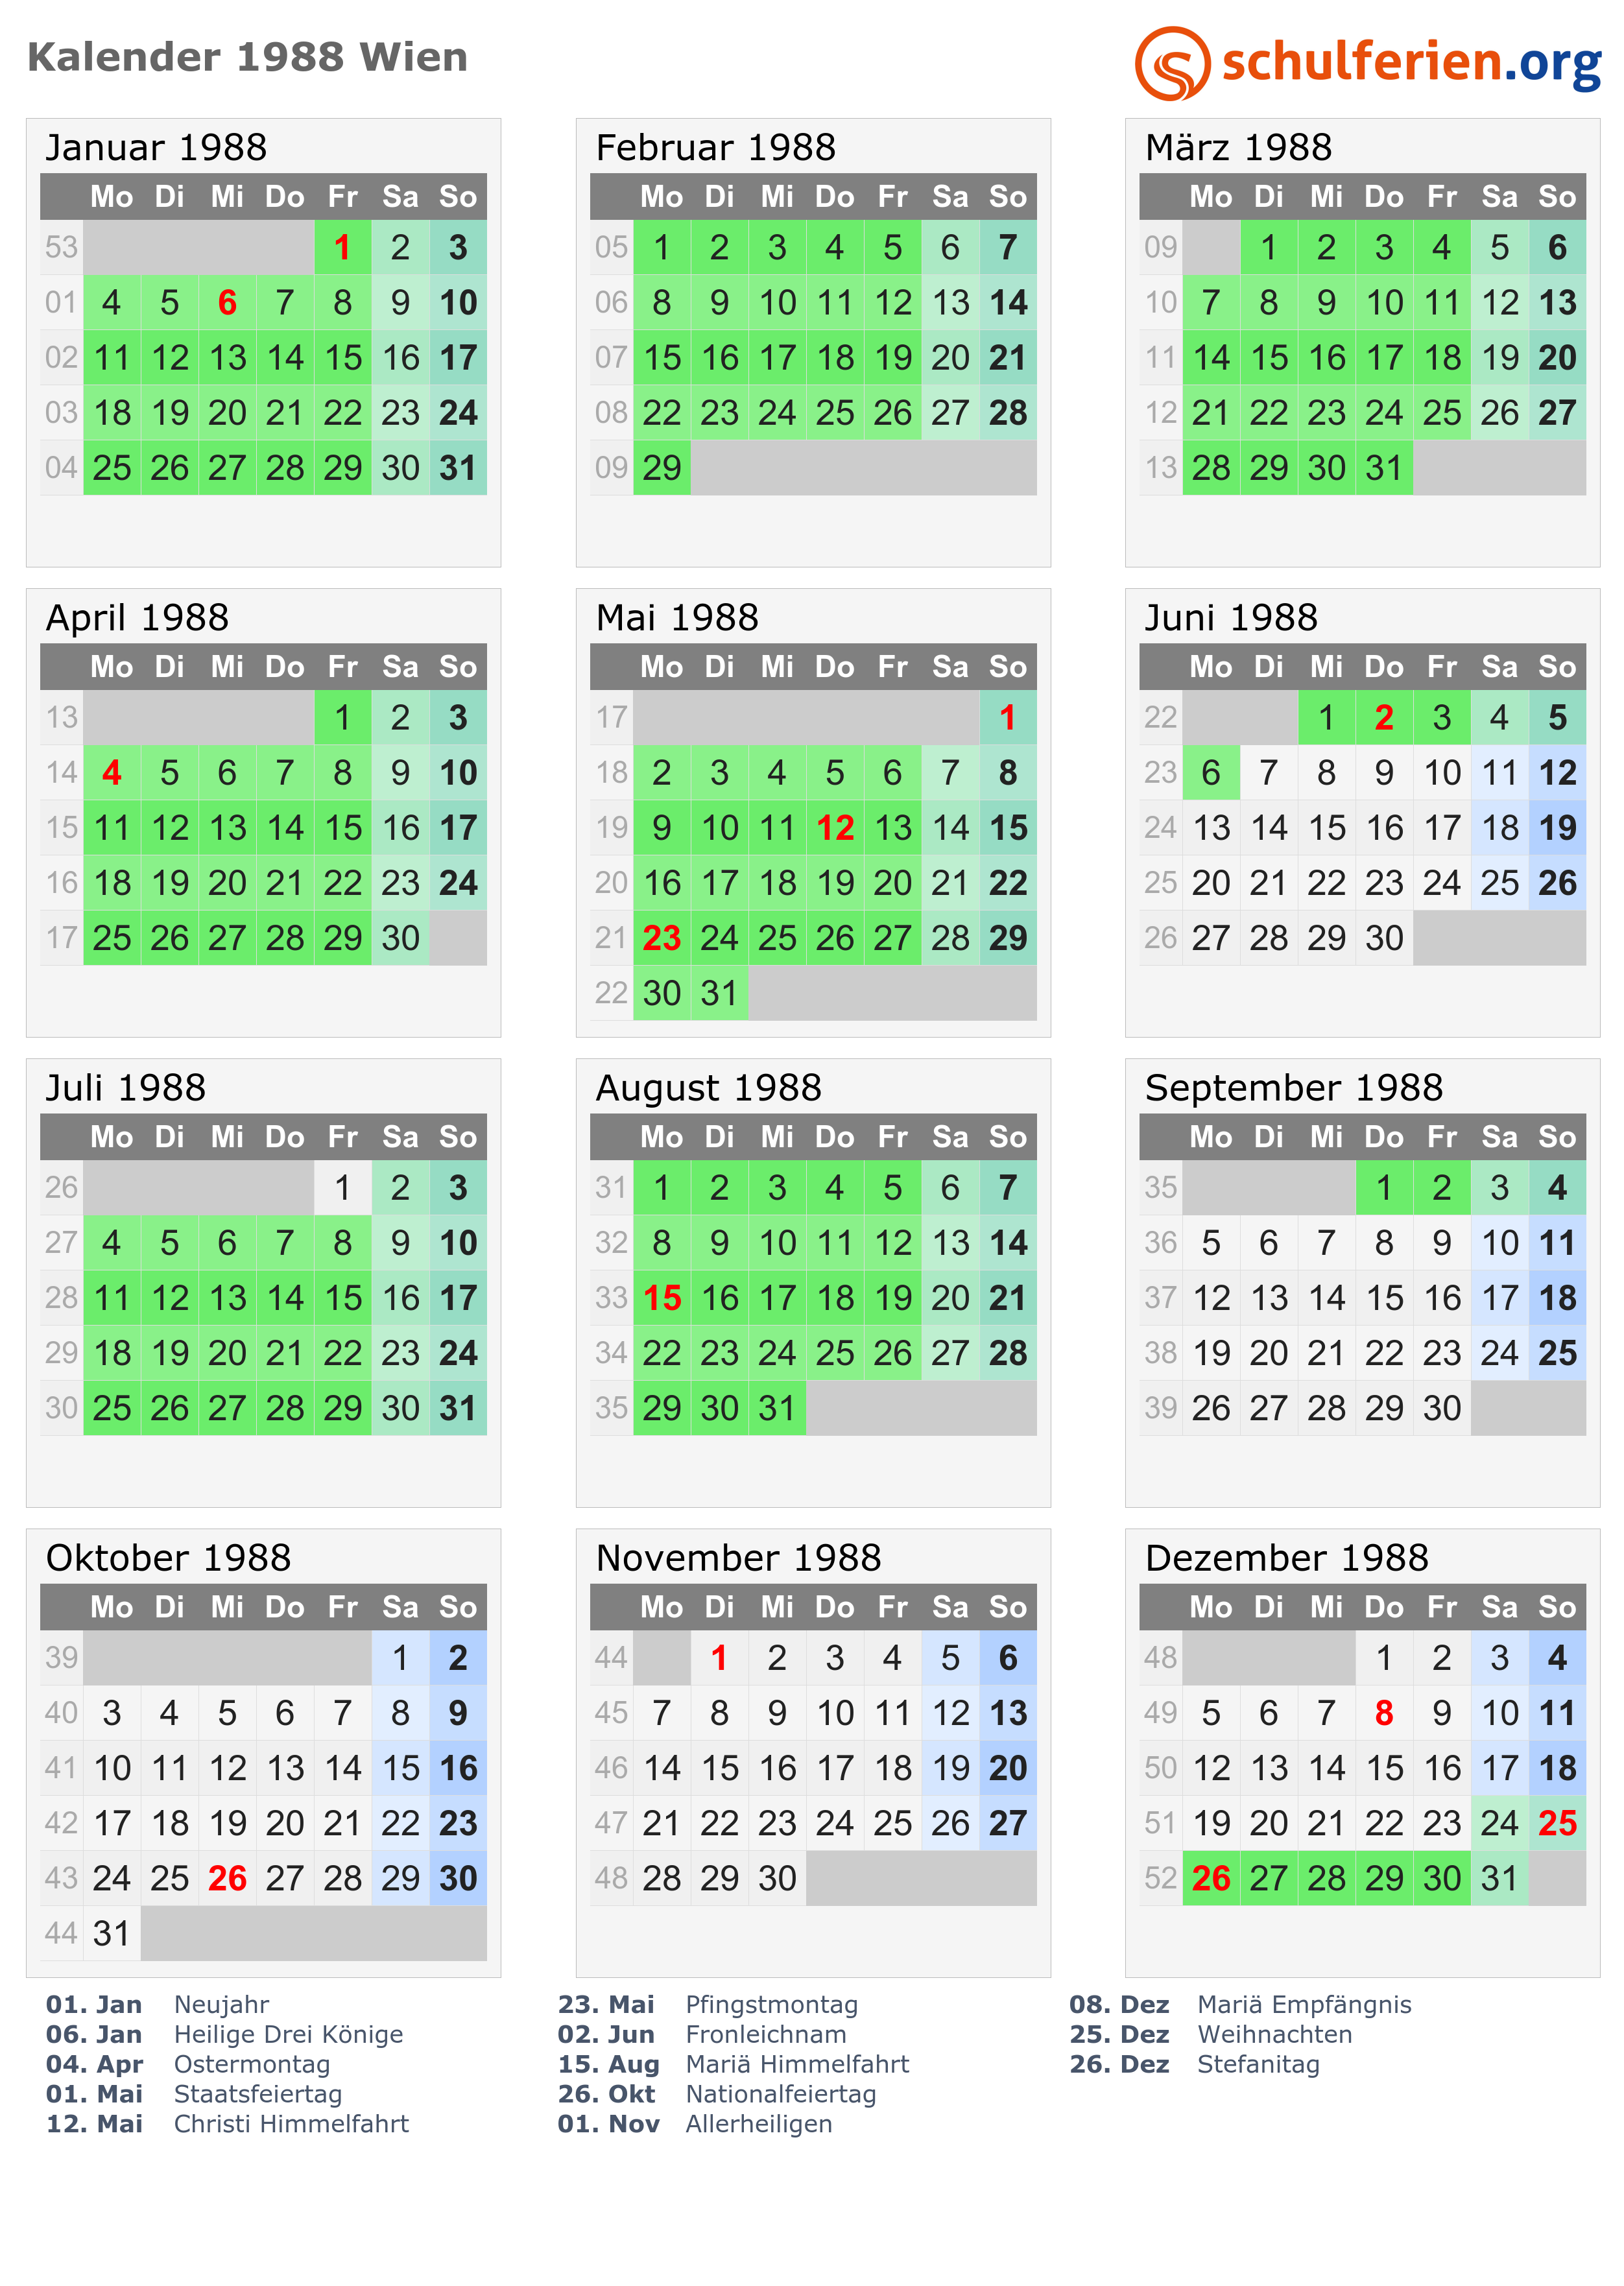 Kalender 1988 Wien